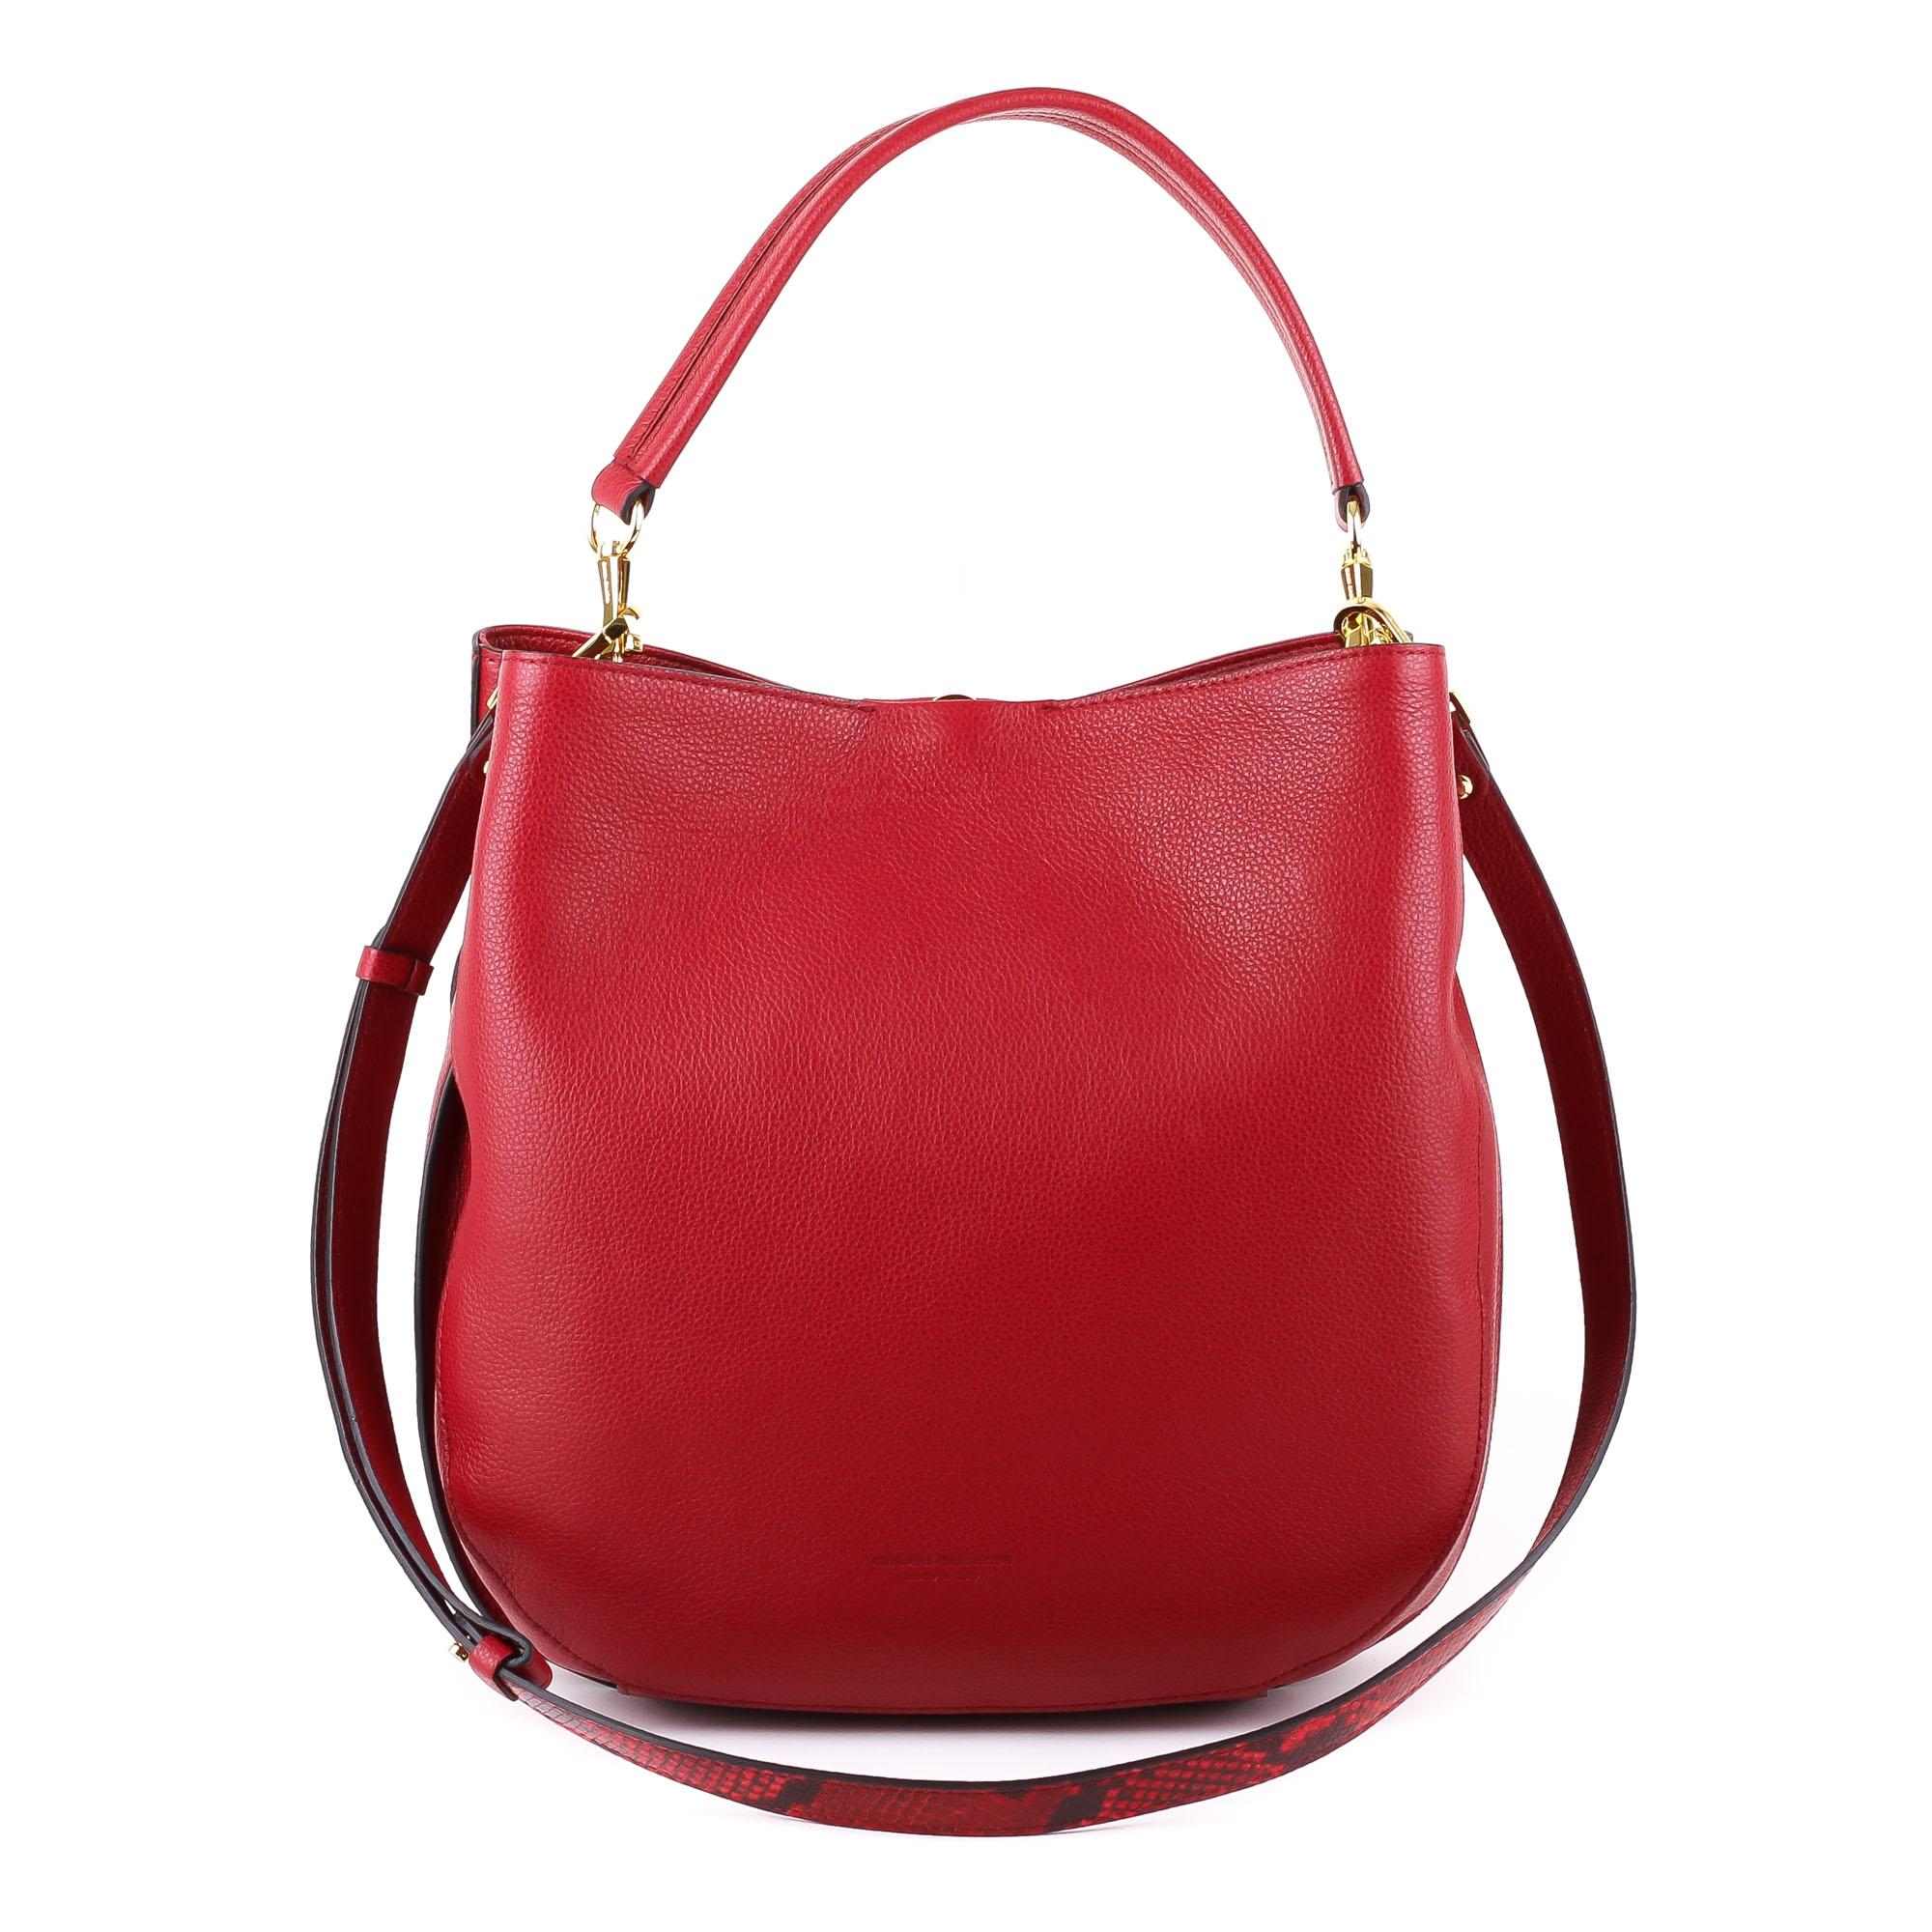 Купить женские сумки Gianni Chiarini в интернет-магазине